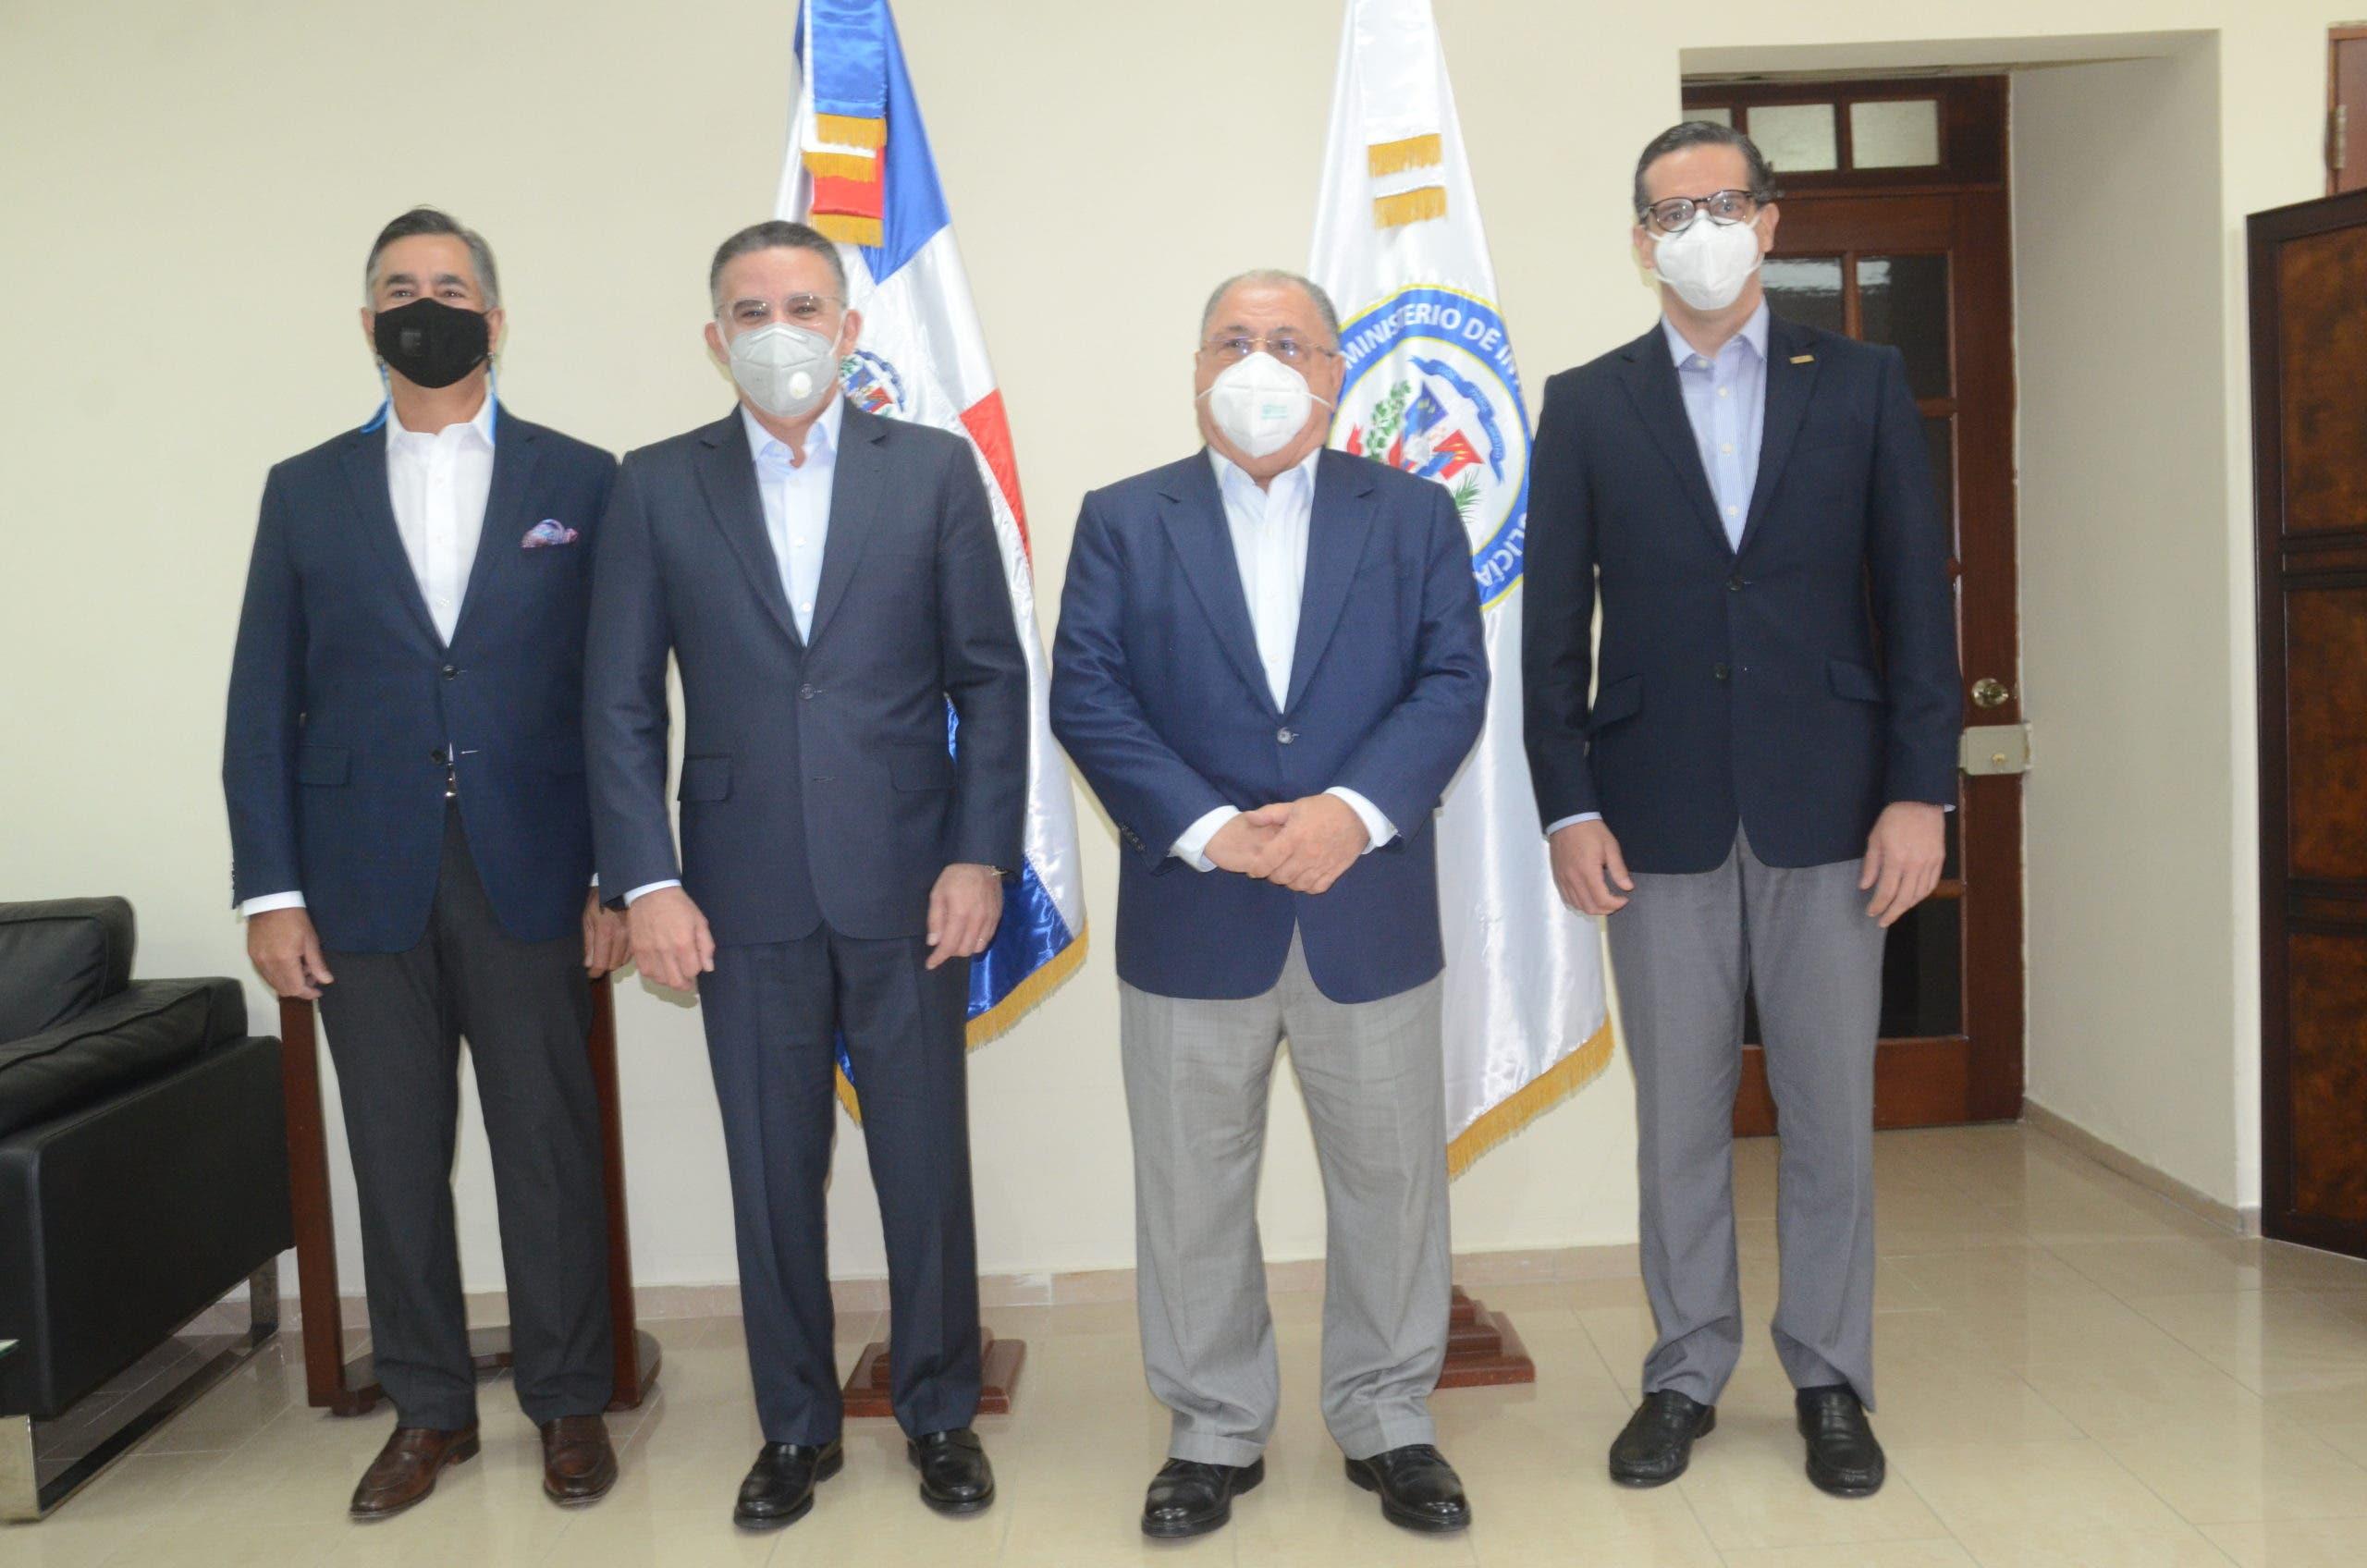 MIP recibe visita de comisión del CONEP